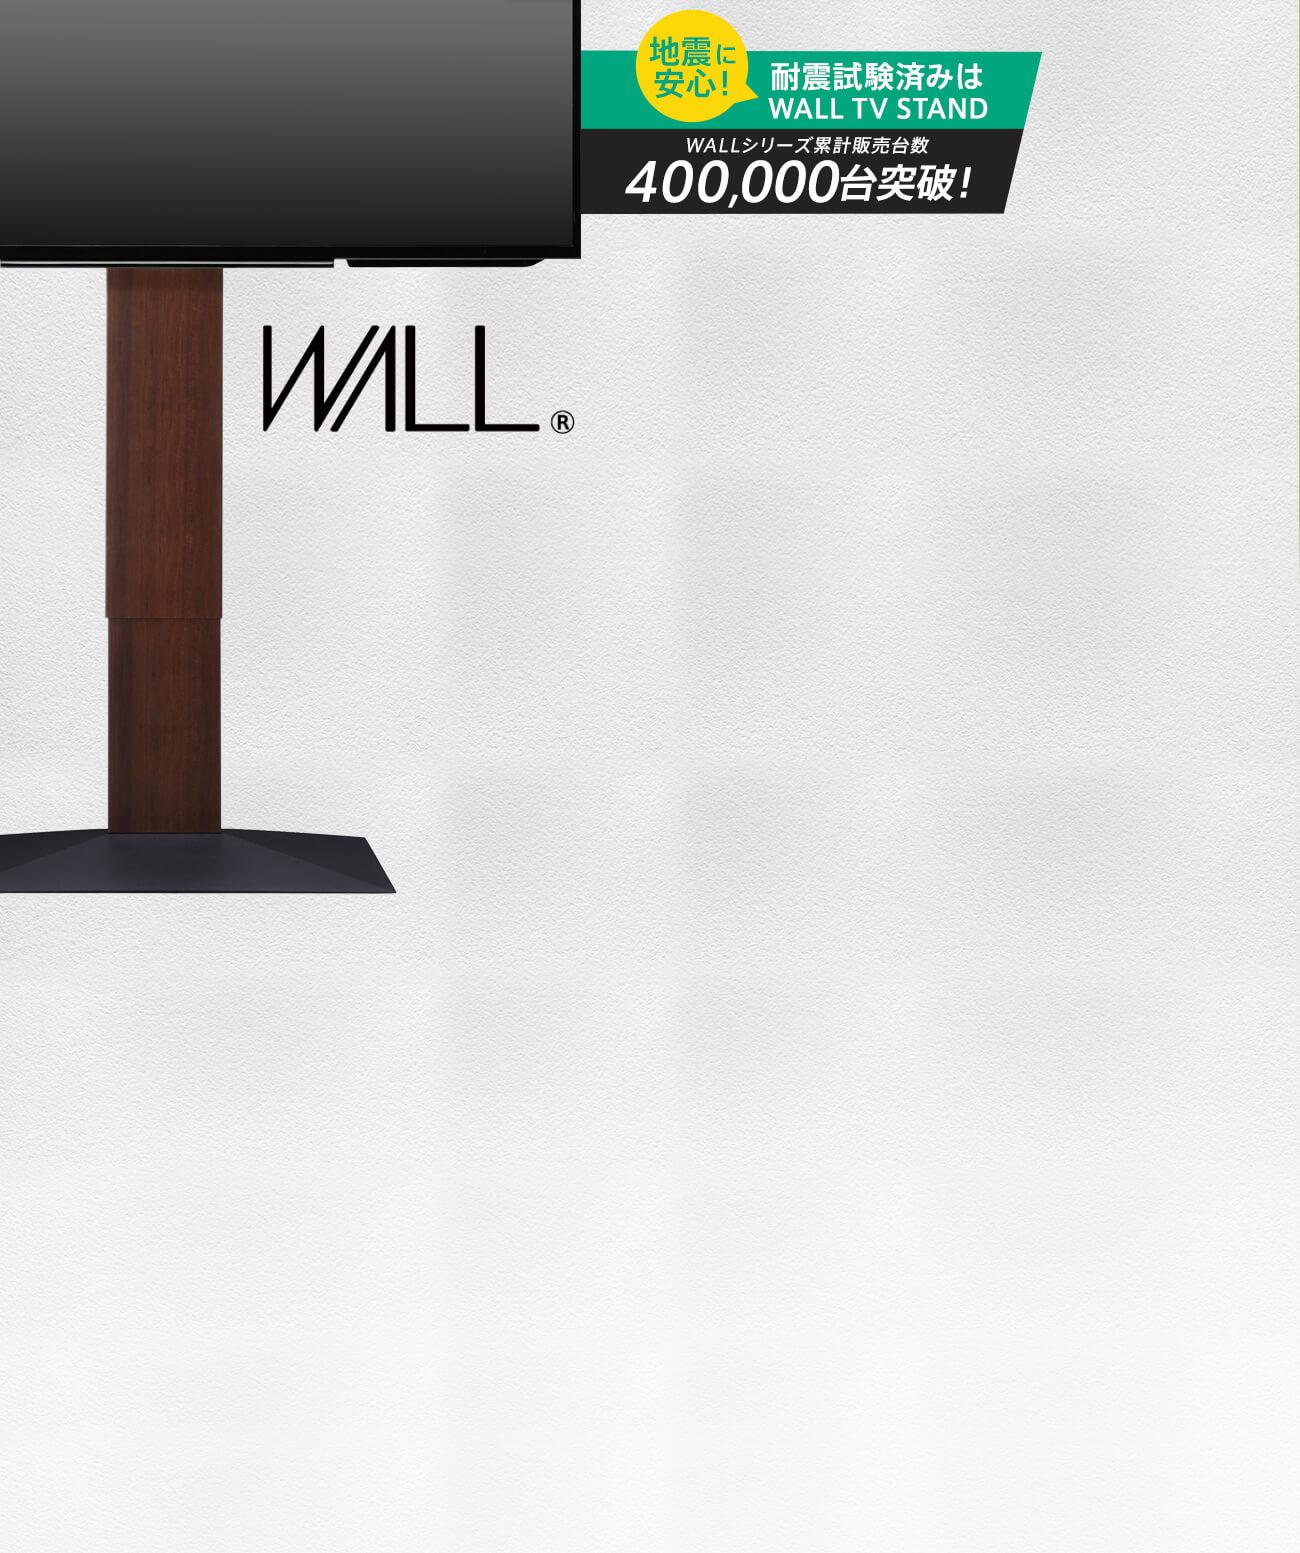 地震に安心耐震済みはWALL TV STAND WALLシリーズ 100,000台突破の大ヒット!